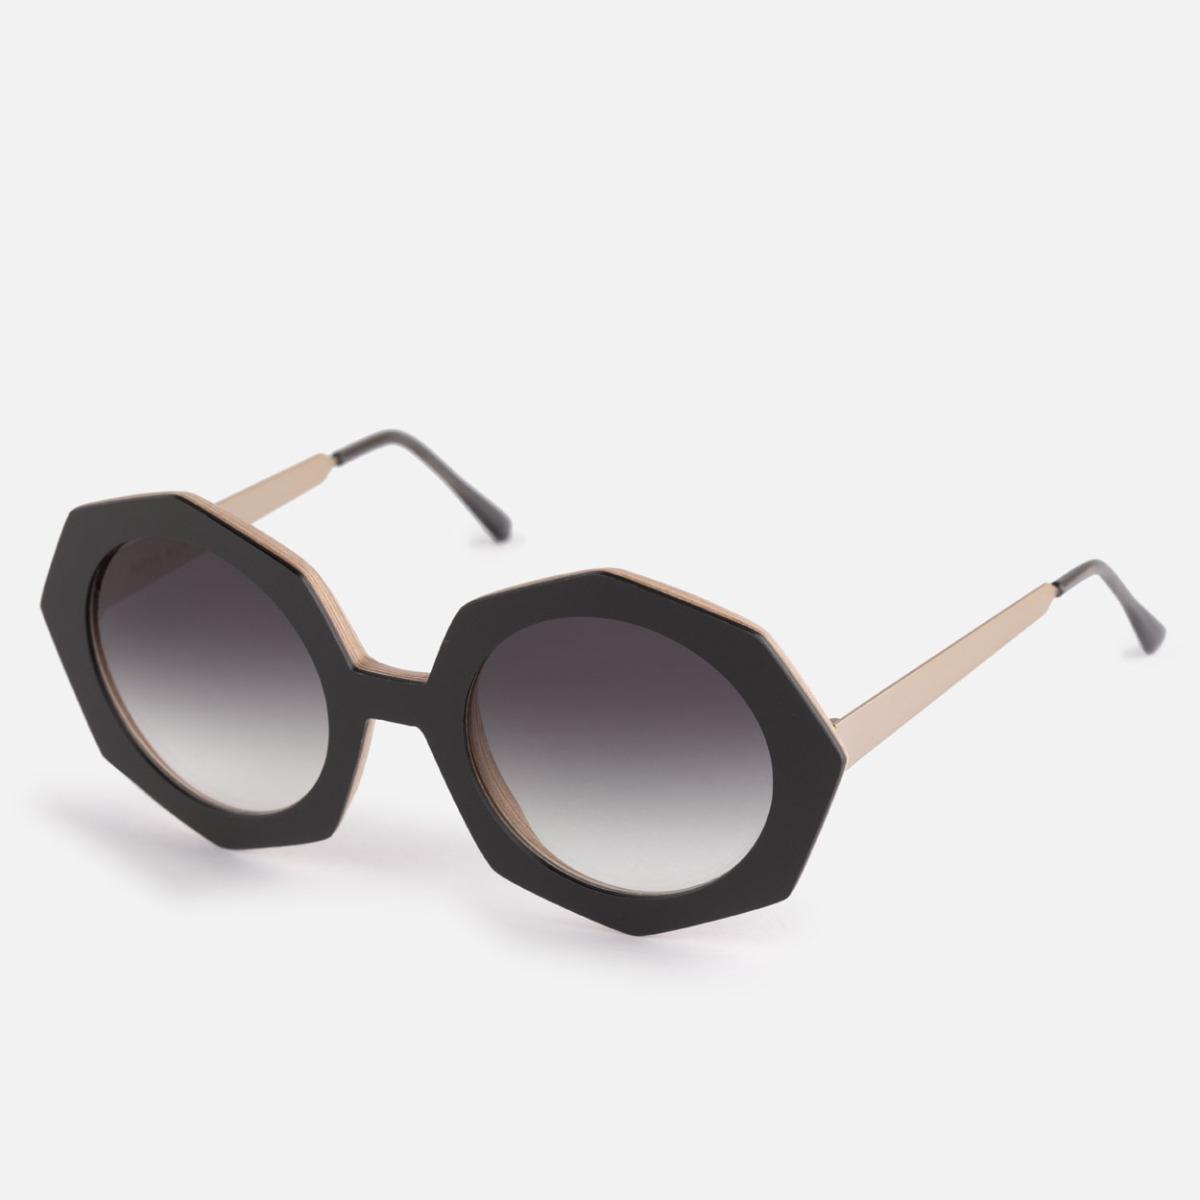 Luciana sunglasses